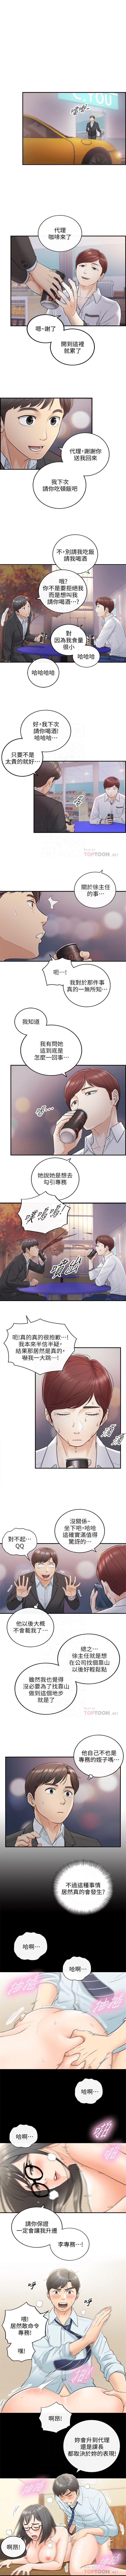 (周5)正妹小主管 1-26 中文翻译(更新中) 106